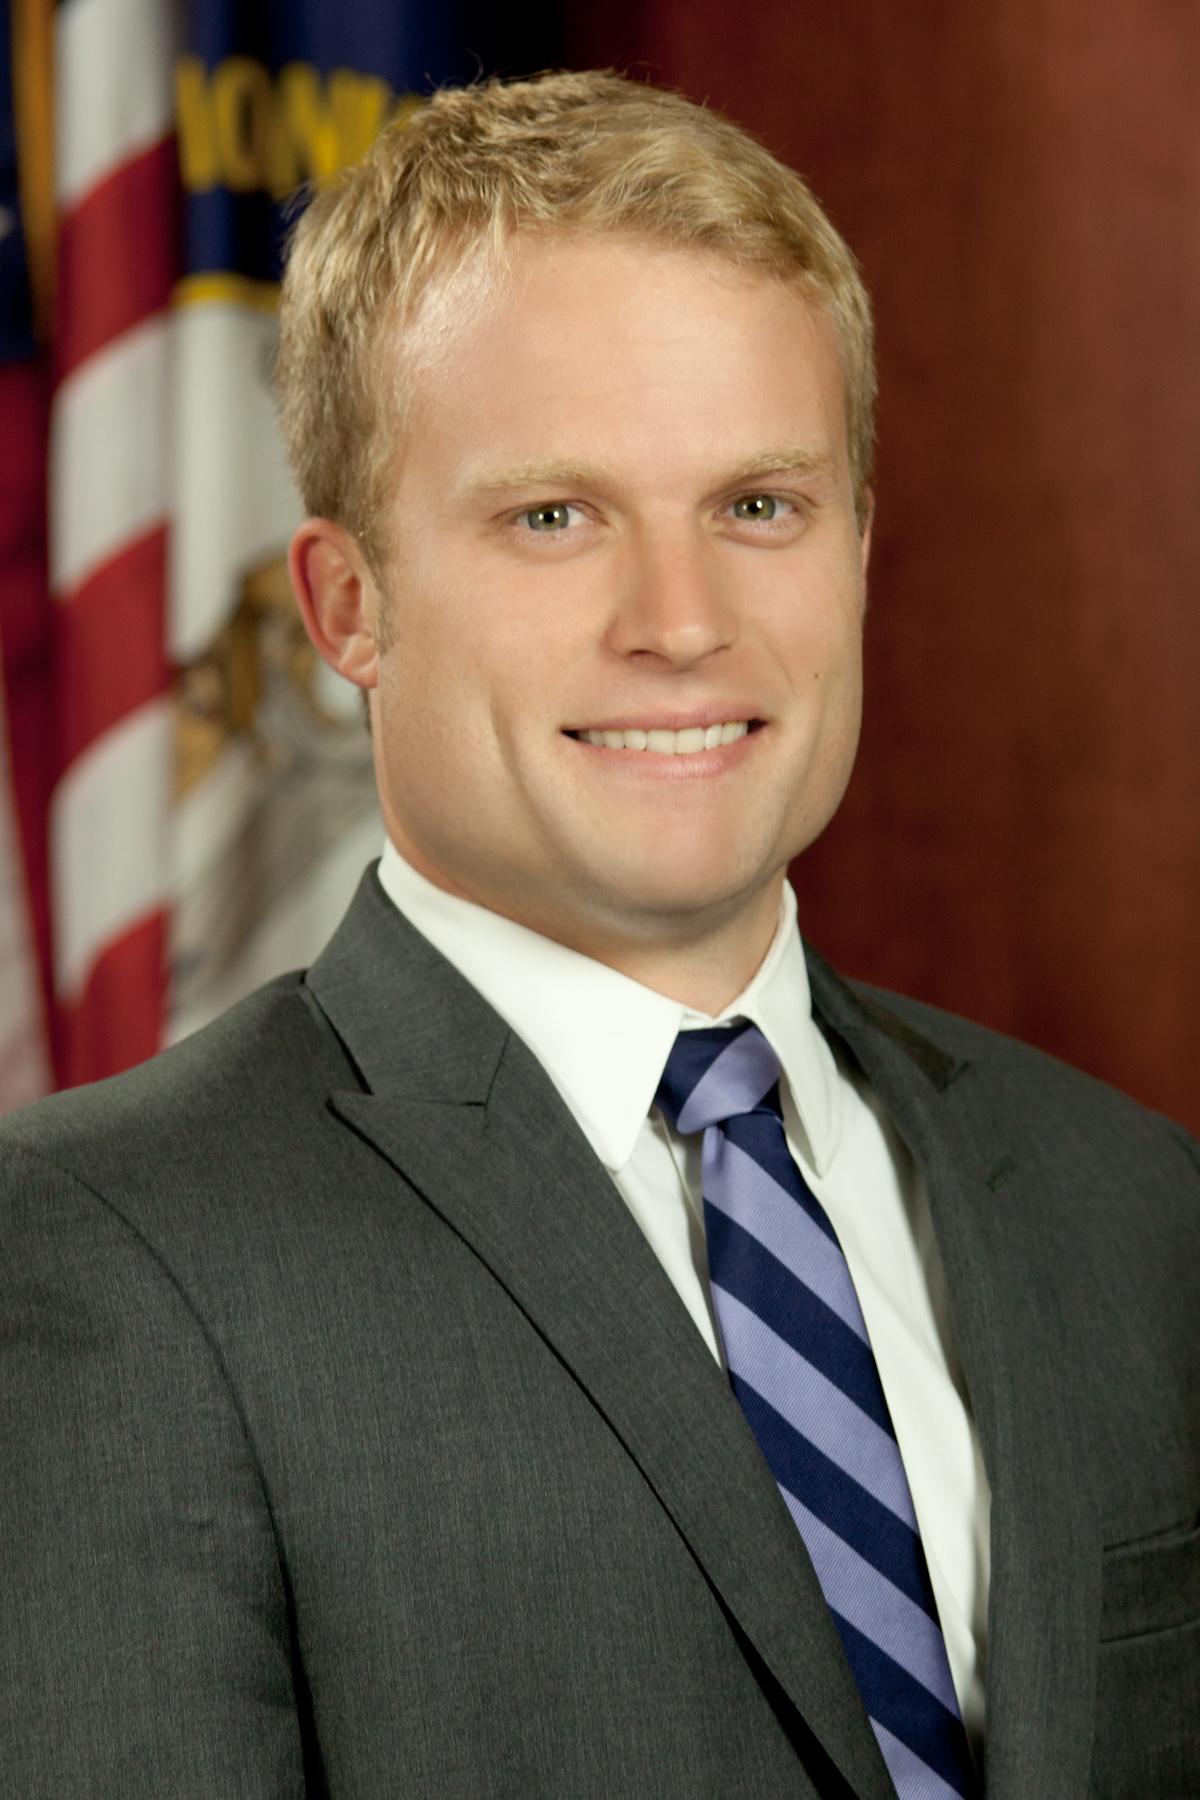 Noah Wentz